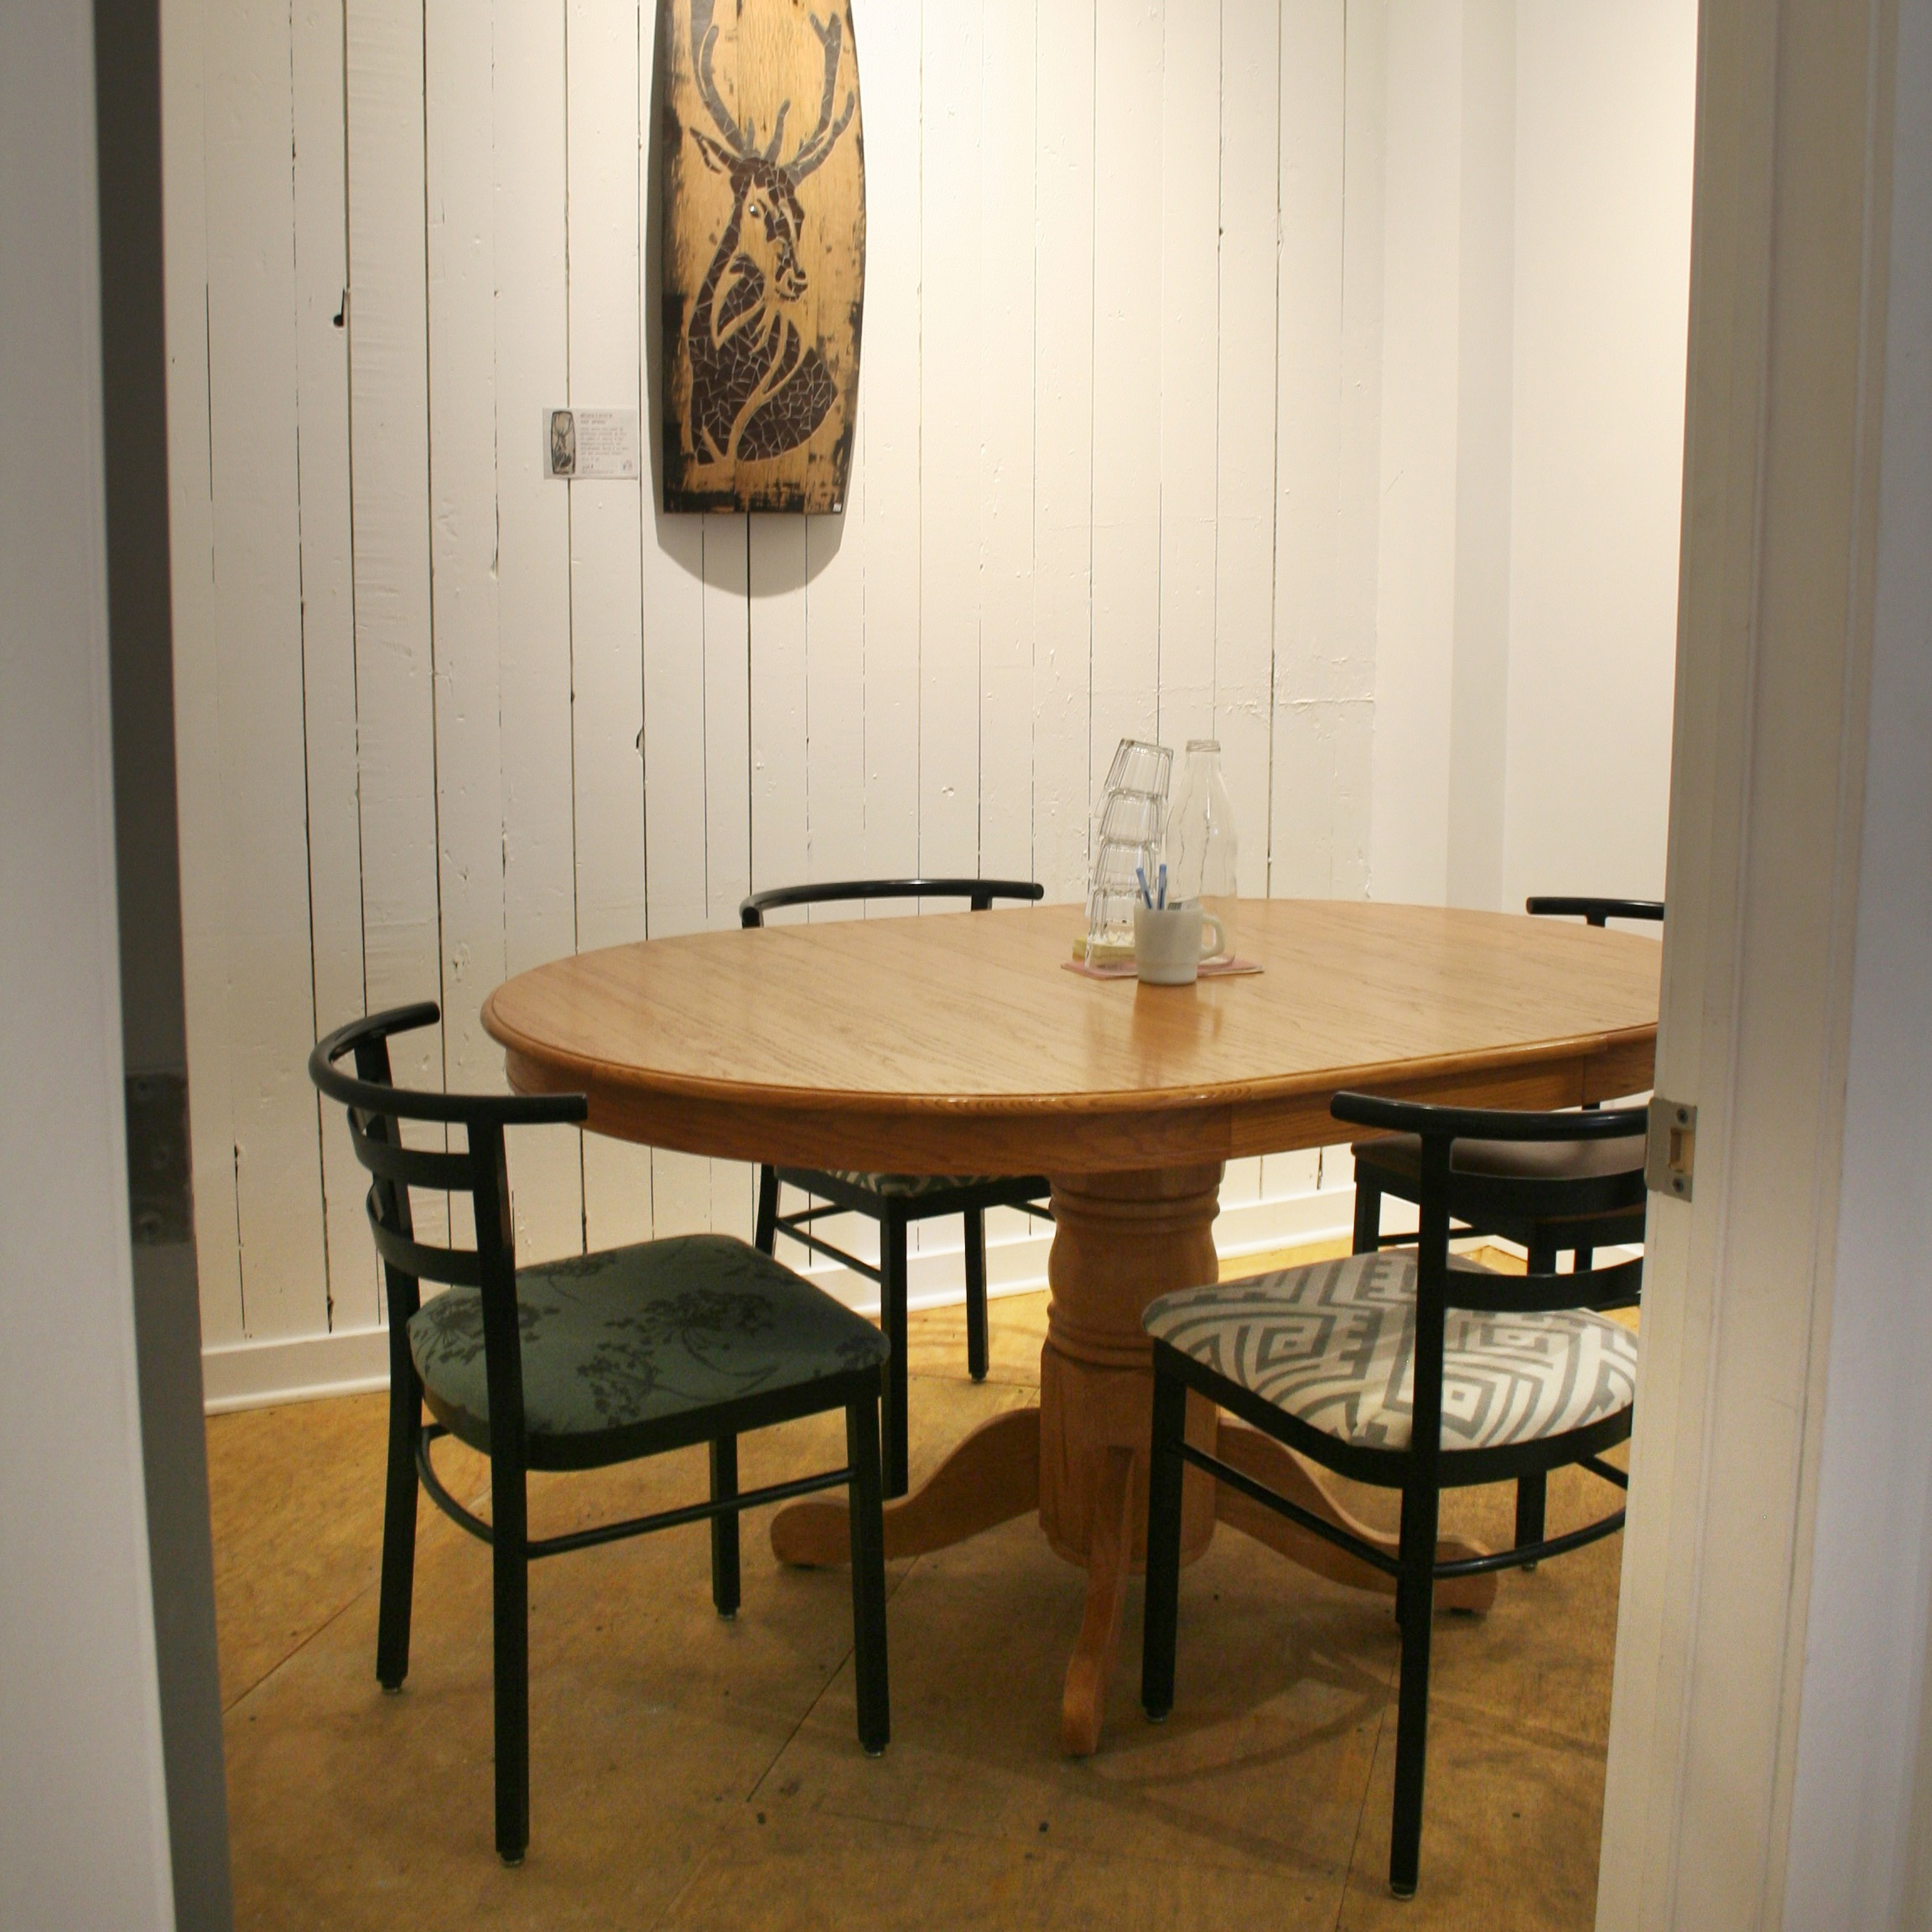 Salle 2 - La Boréale - Espace de réunion convivial pouvant accueillir jusqu'à 4 personnes12 $/h ou 72 $/jourVous prévoyez une demi-journée ou une journée complète de boulot ? Demandez pour qu'on vous prépare des paniers-déjeuner ou des boîtes-à-lunch du midi.